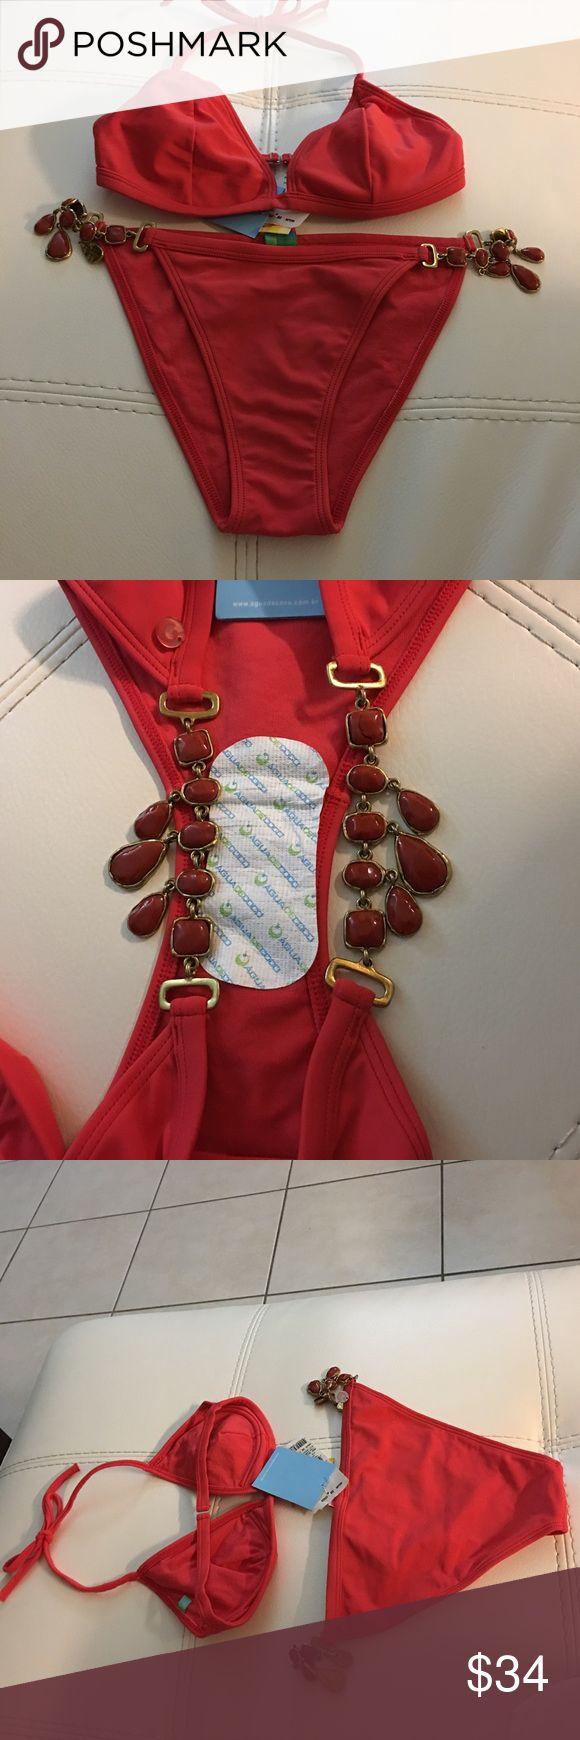 NEW Red Água de coco Bikini set top & bottom Red água de coco bikini top & bottom set má-fé in brasil in lycra Brand New with tags Swim Bikinis